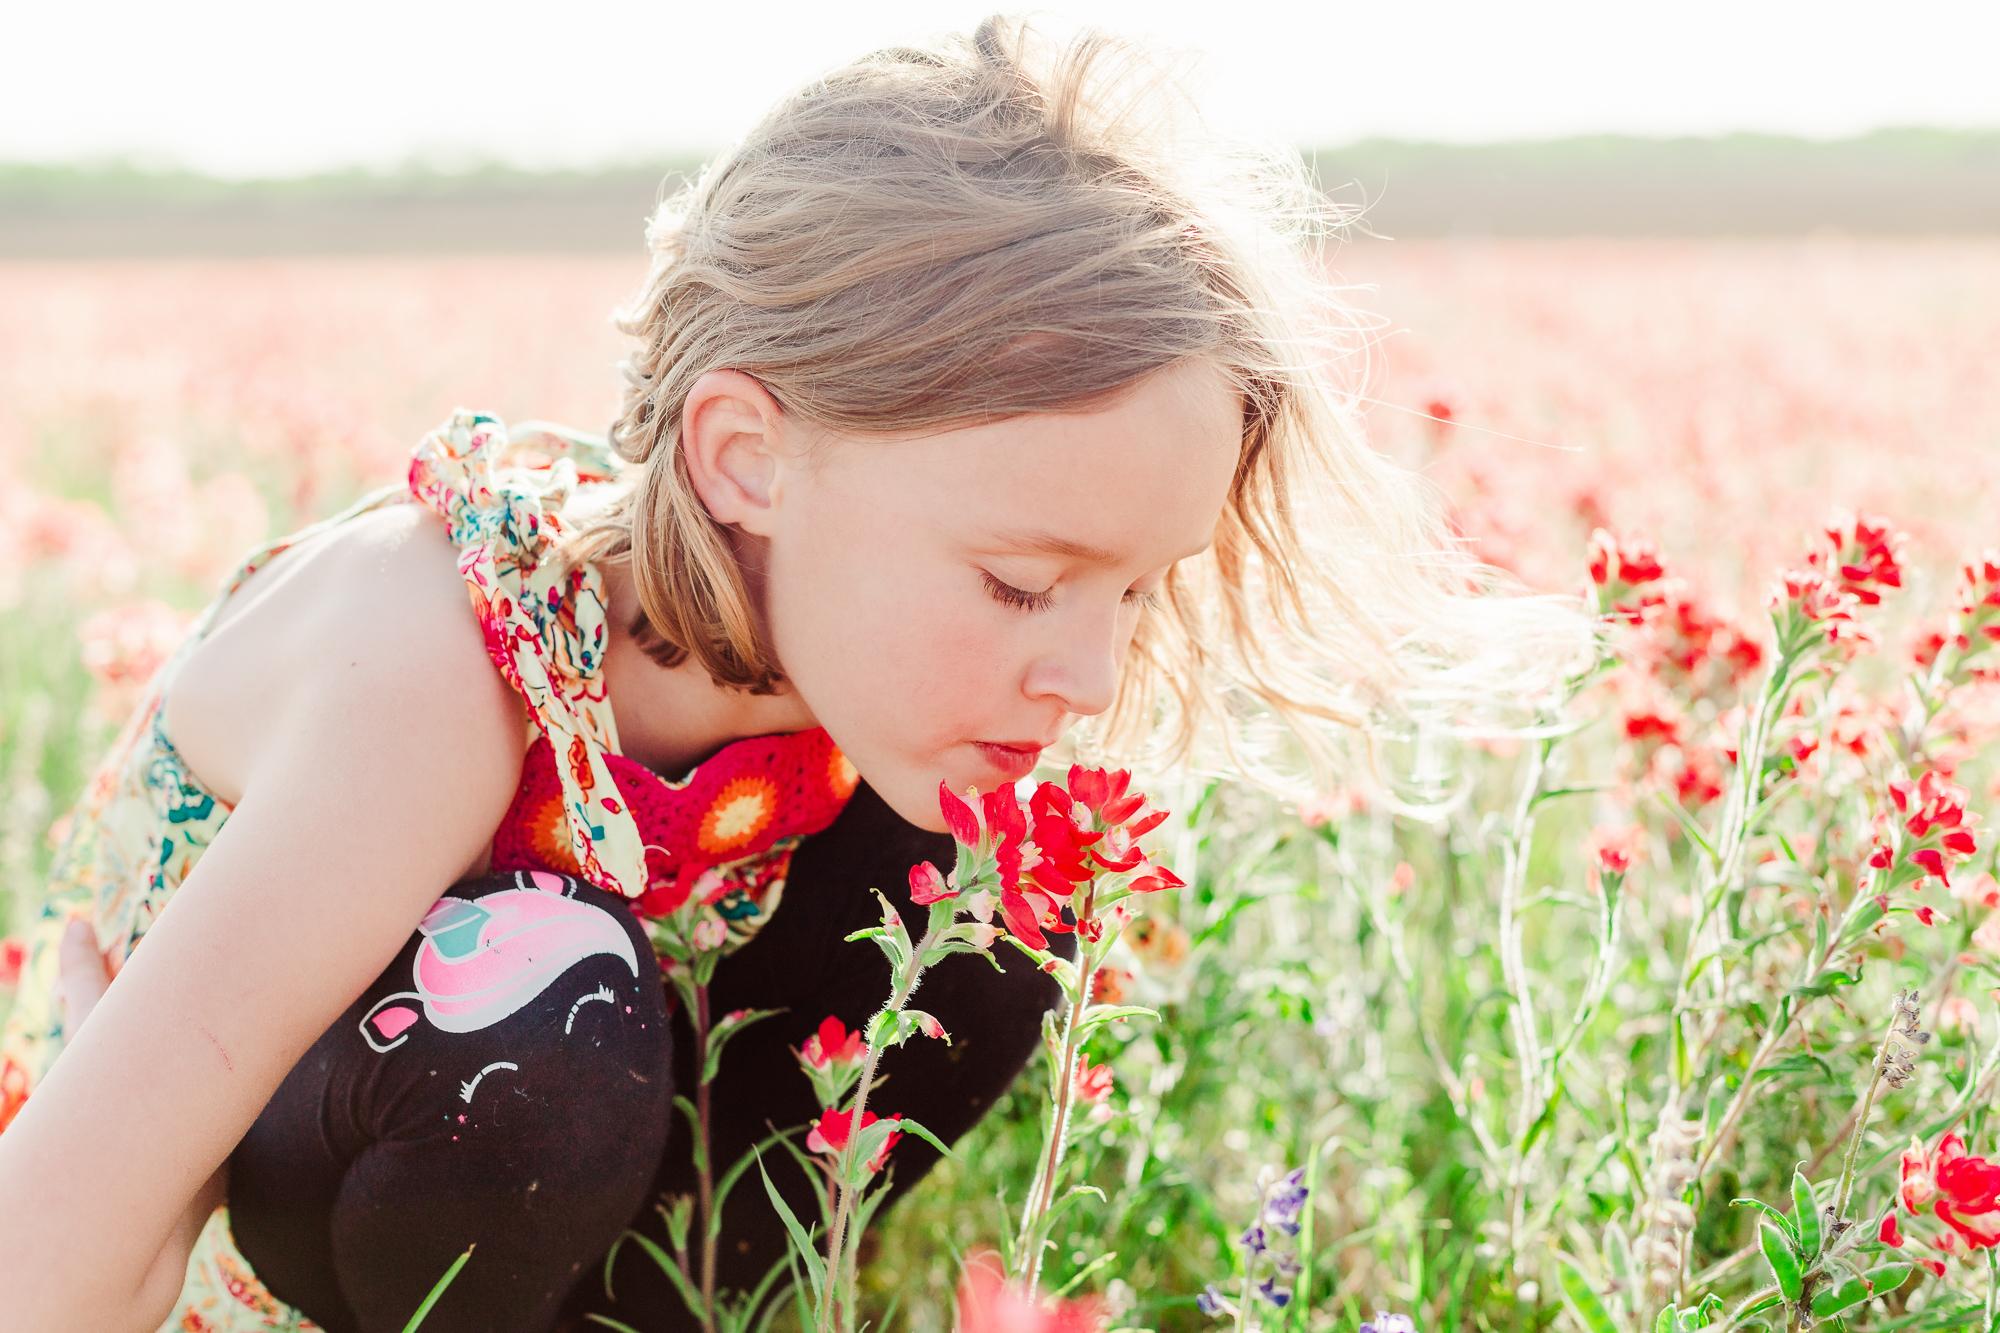 032919-CoughlinWildflowers-125.jpg